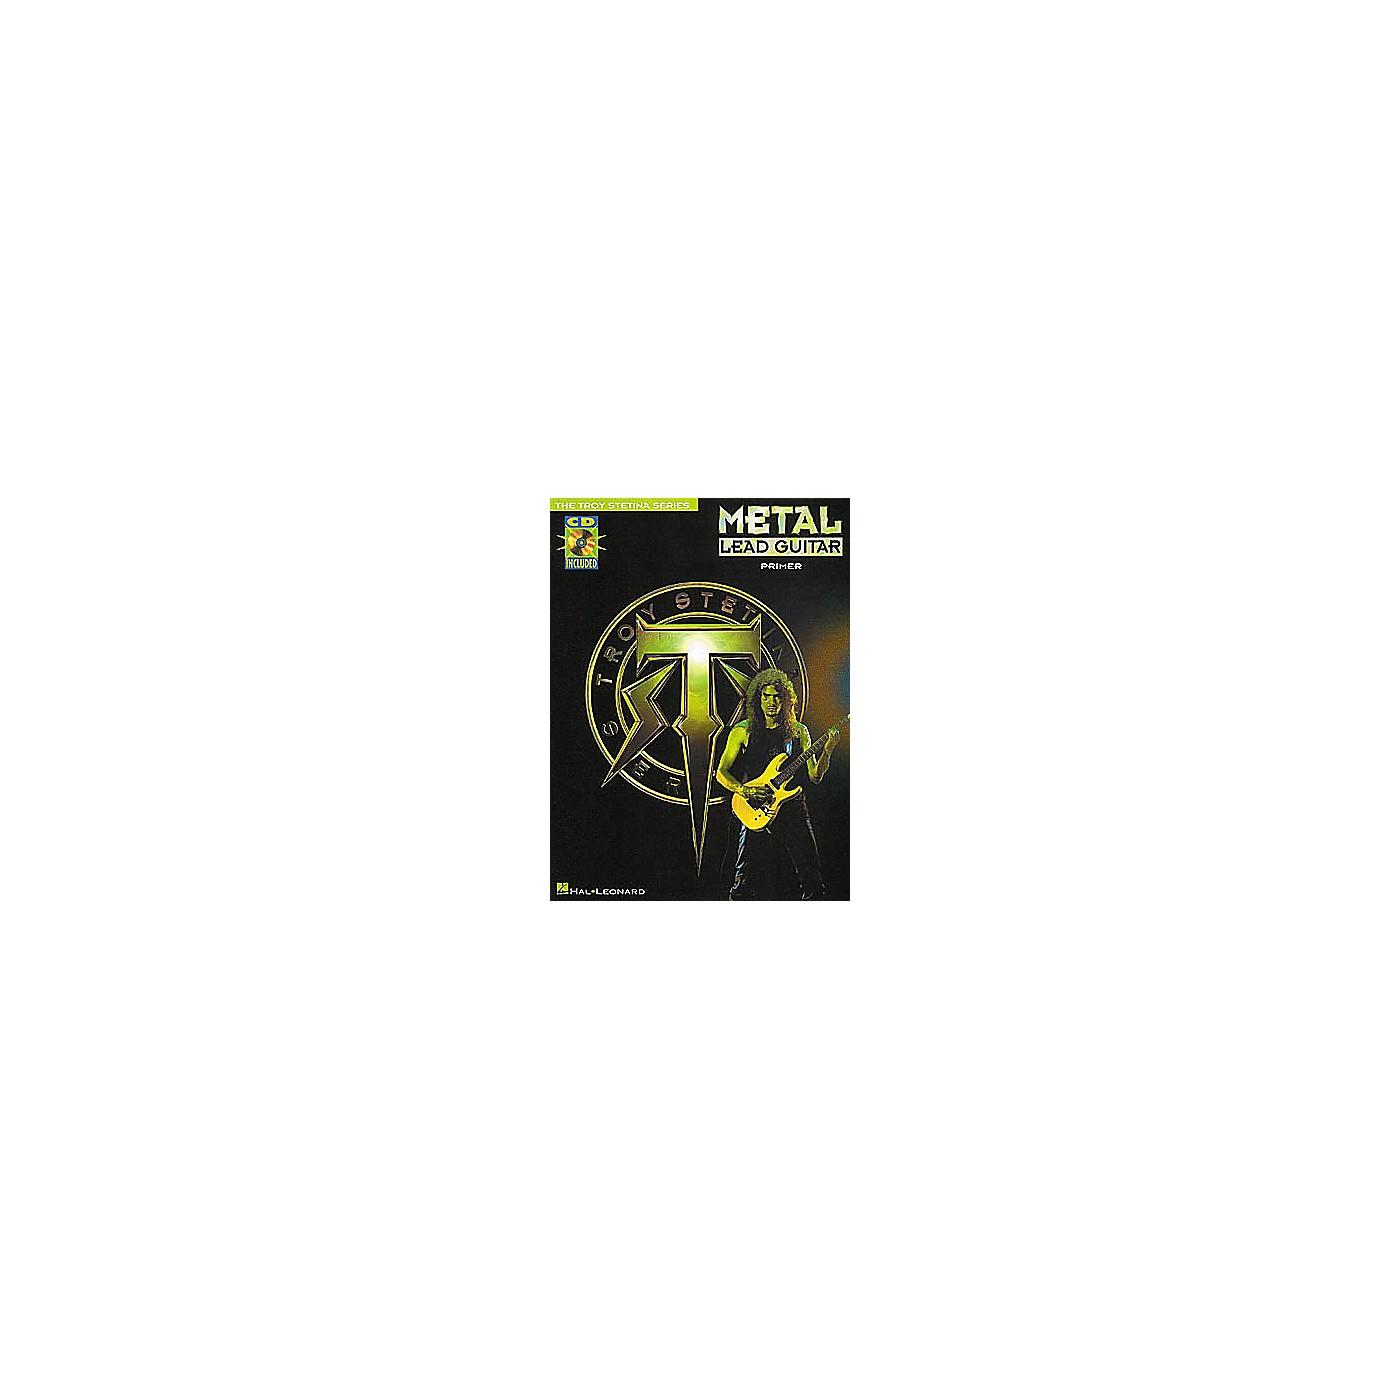 Hal Leonard Metal Lead Guitar Primer (Book/CD) thumbnail